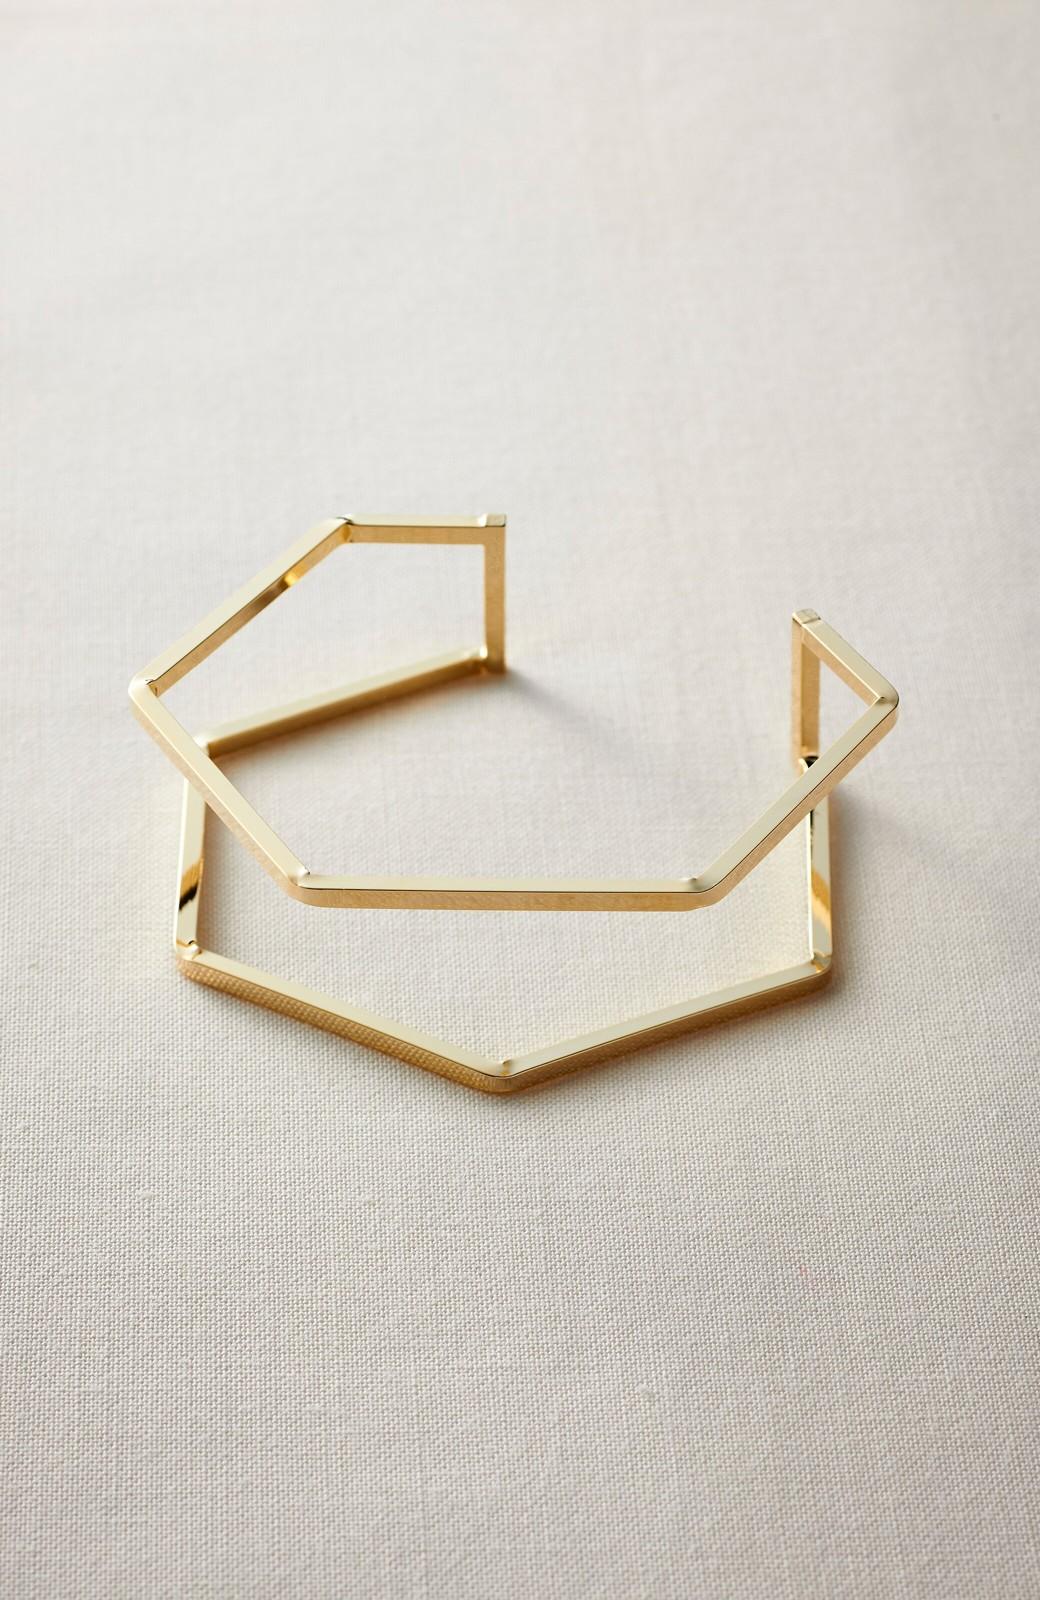 haco! コーディネートのポイントになる 重ねづけ風 多角形フレームバングル <ゴールド>の商品写真1